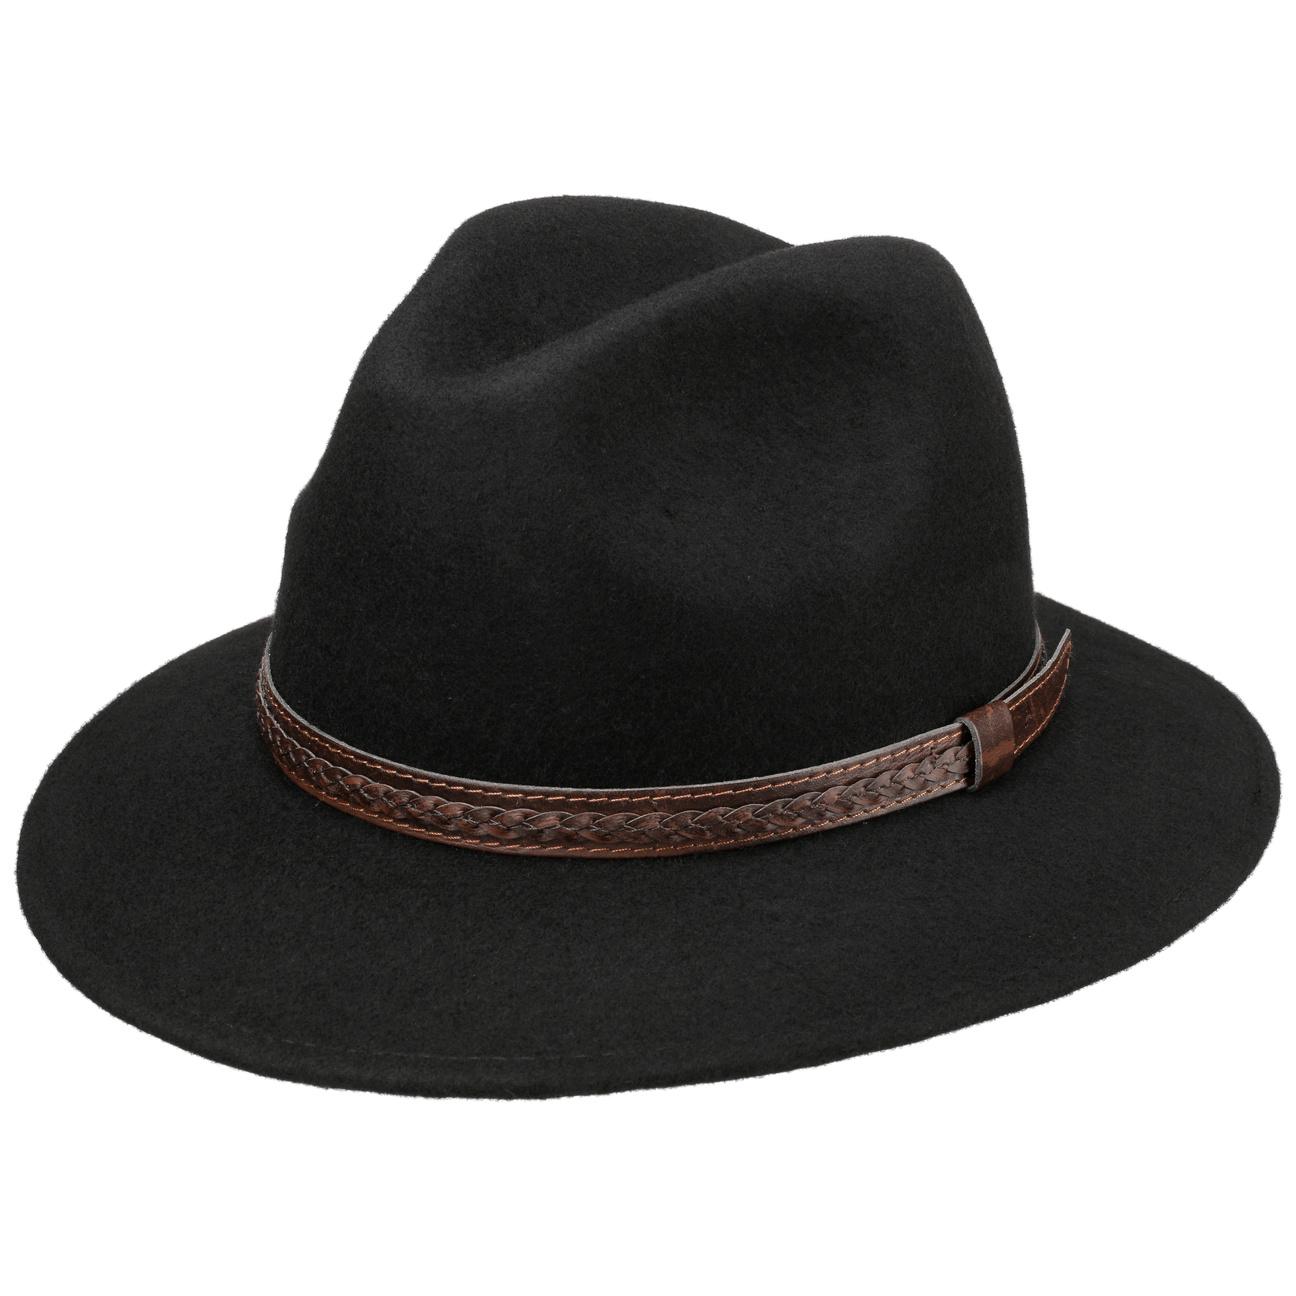 Chapeau Kentucky en Laine by Lipodo  chapeaux pour homme